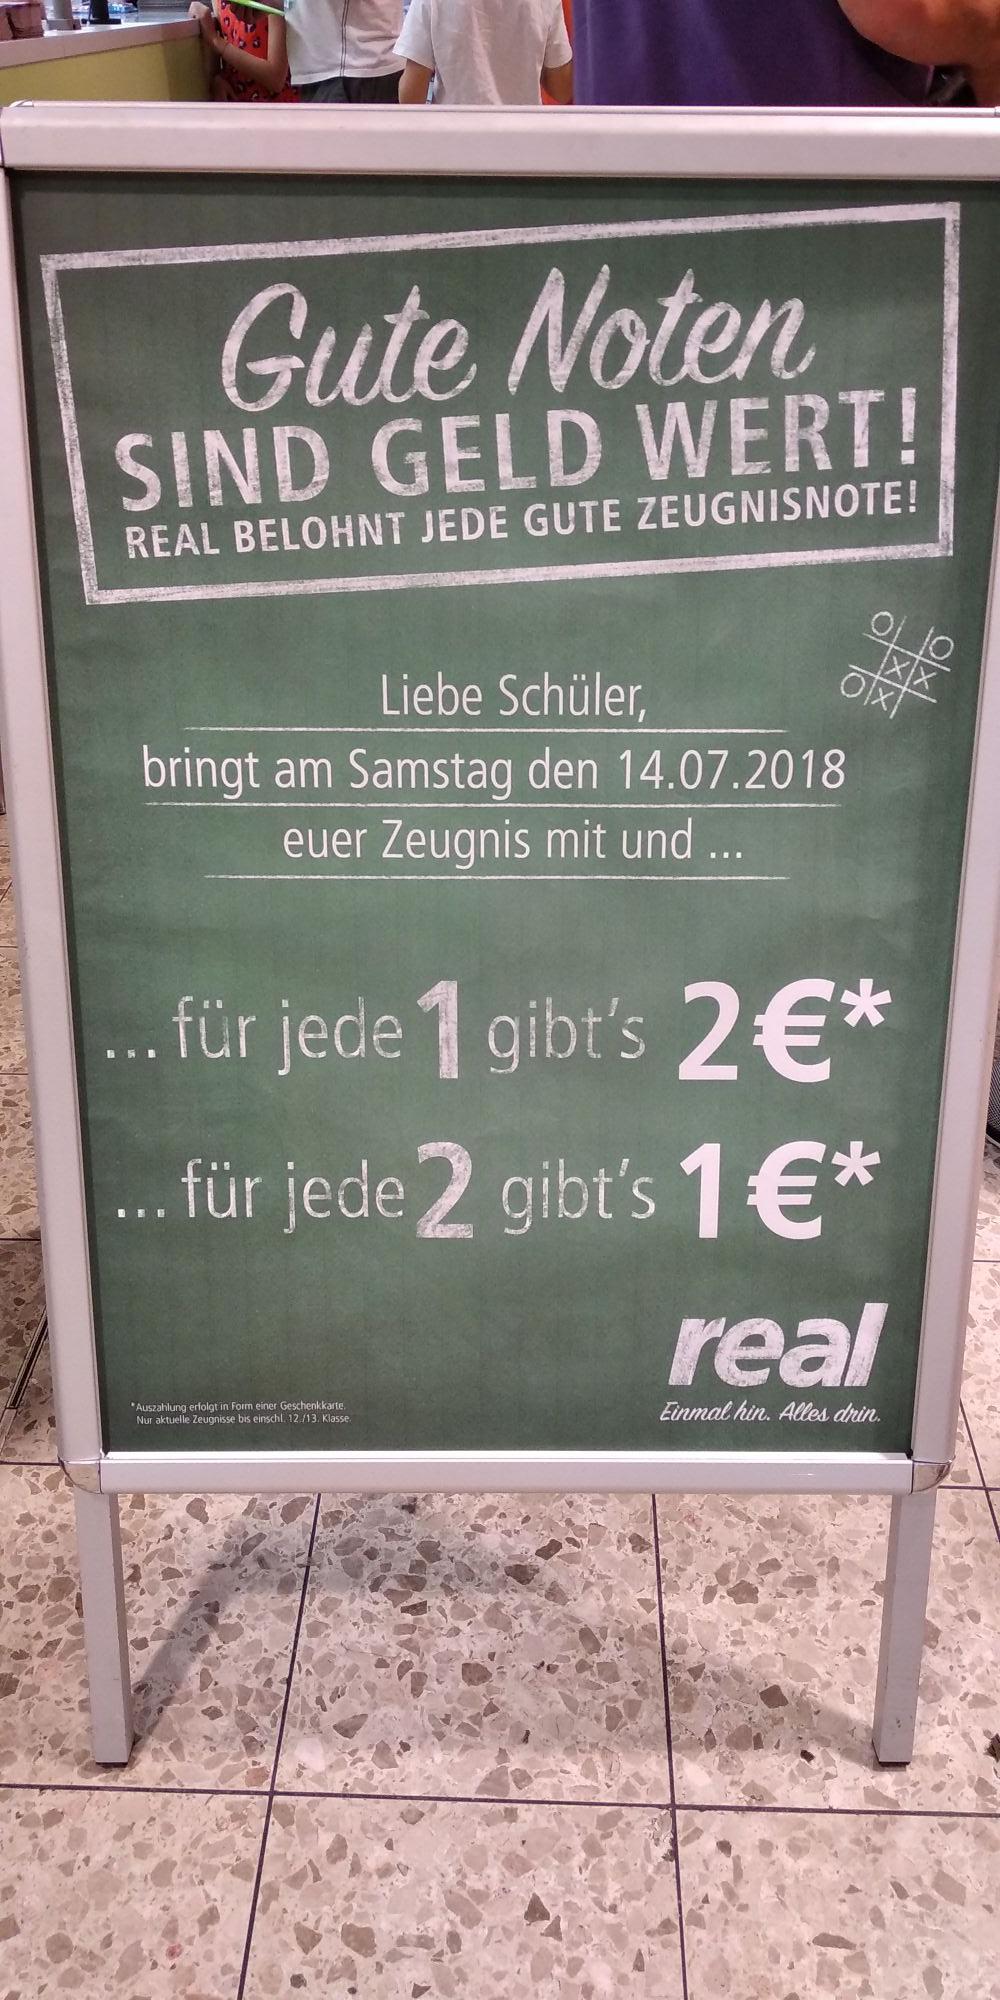 Real - Zeugnis Geld für gute Noten [Langenfeld Rheinland]